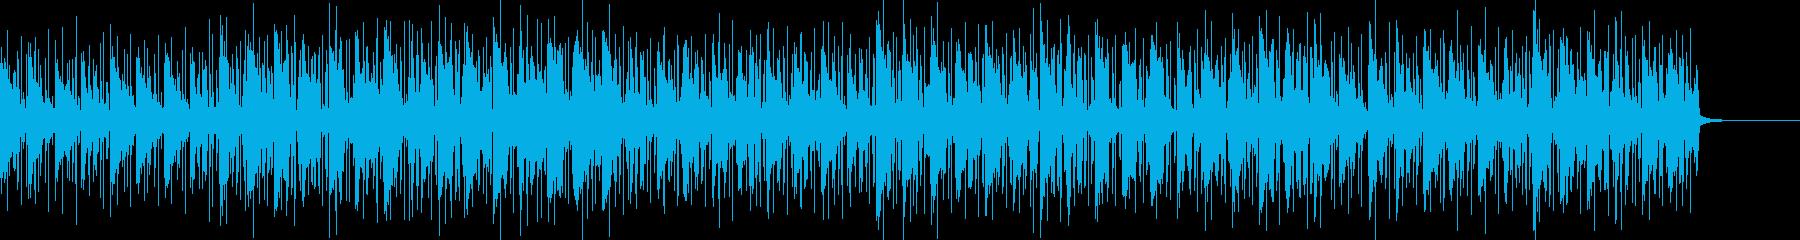 8ビートで刻む軽快なシンセポップスの再生済みの波形